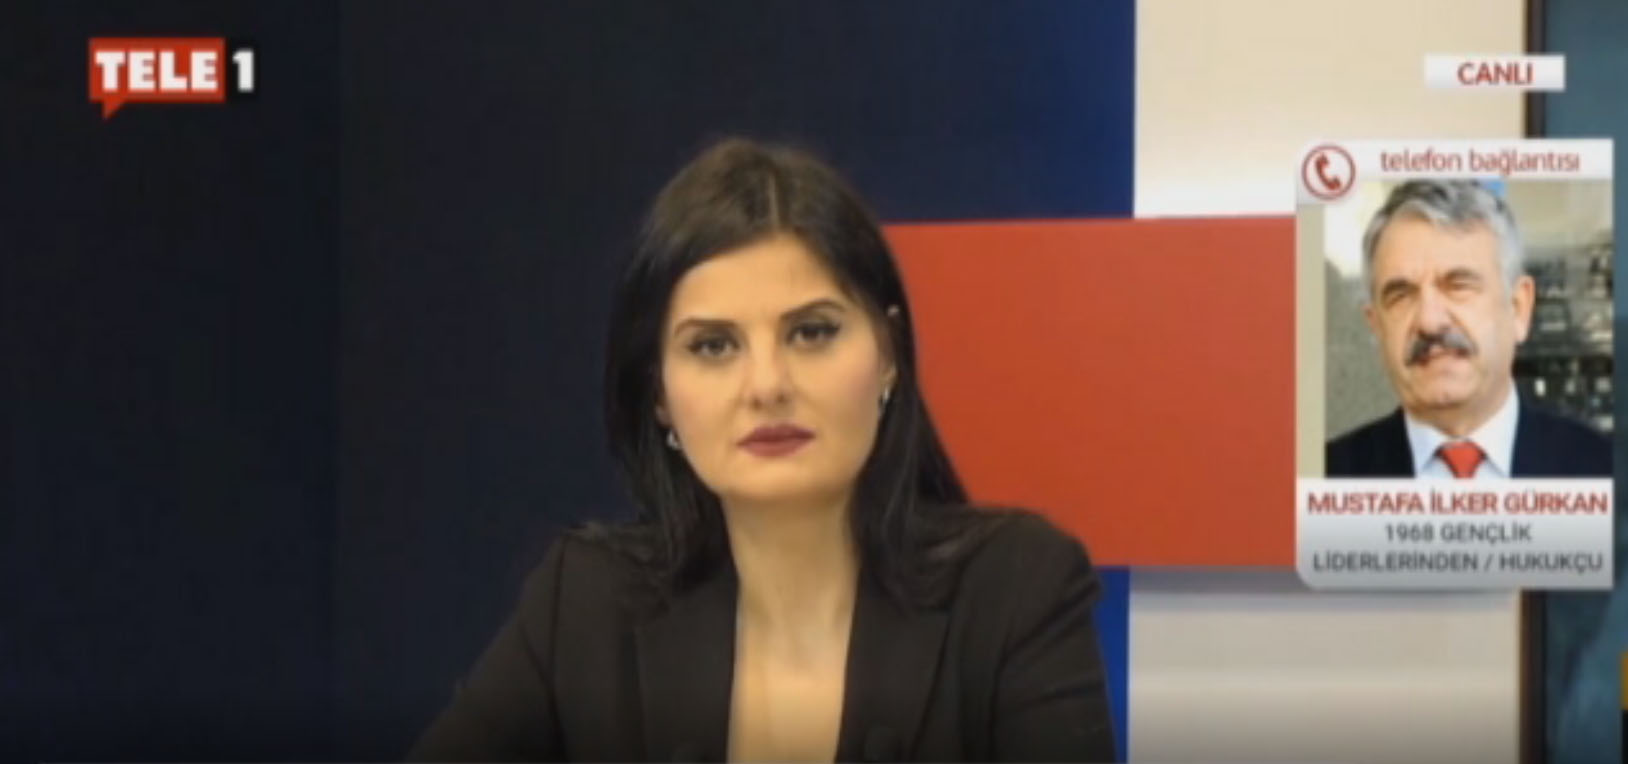 """""""Denizlerden kalan asıl miras Türkiye'nin bağımsızlık mücadelesidir"""""""